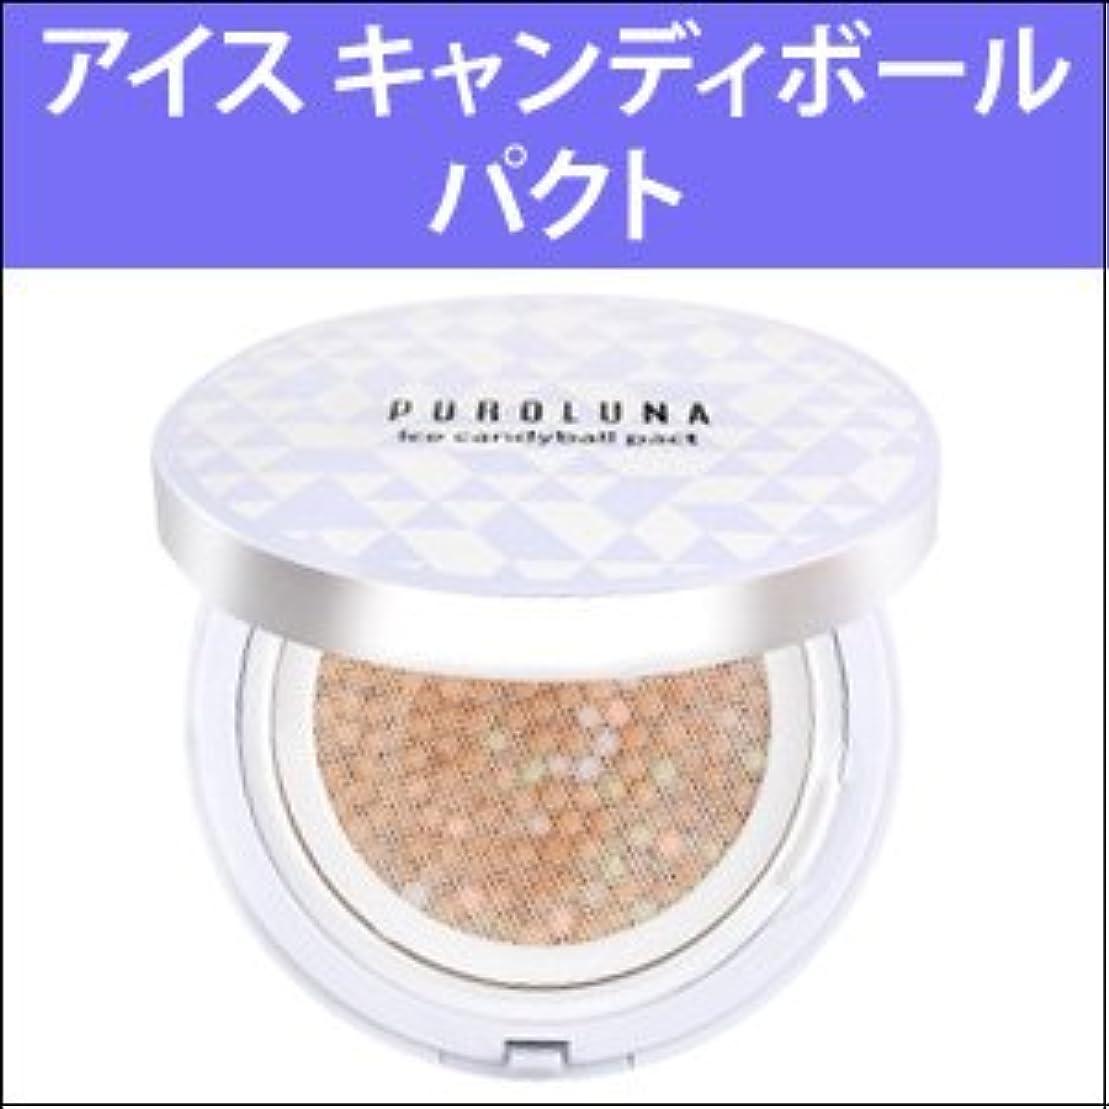 害主婦主に『PUROLUNA?プロルナ』 アイス キャンディボール パクト(SPF50+/PA+++) カラー:2号 ベージュ